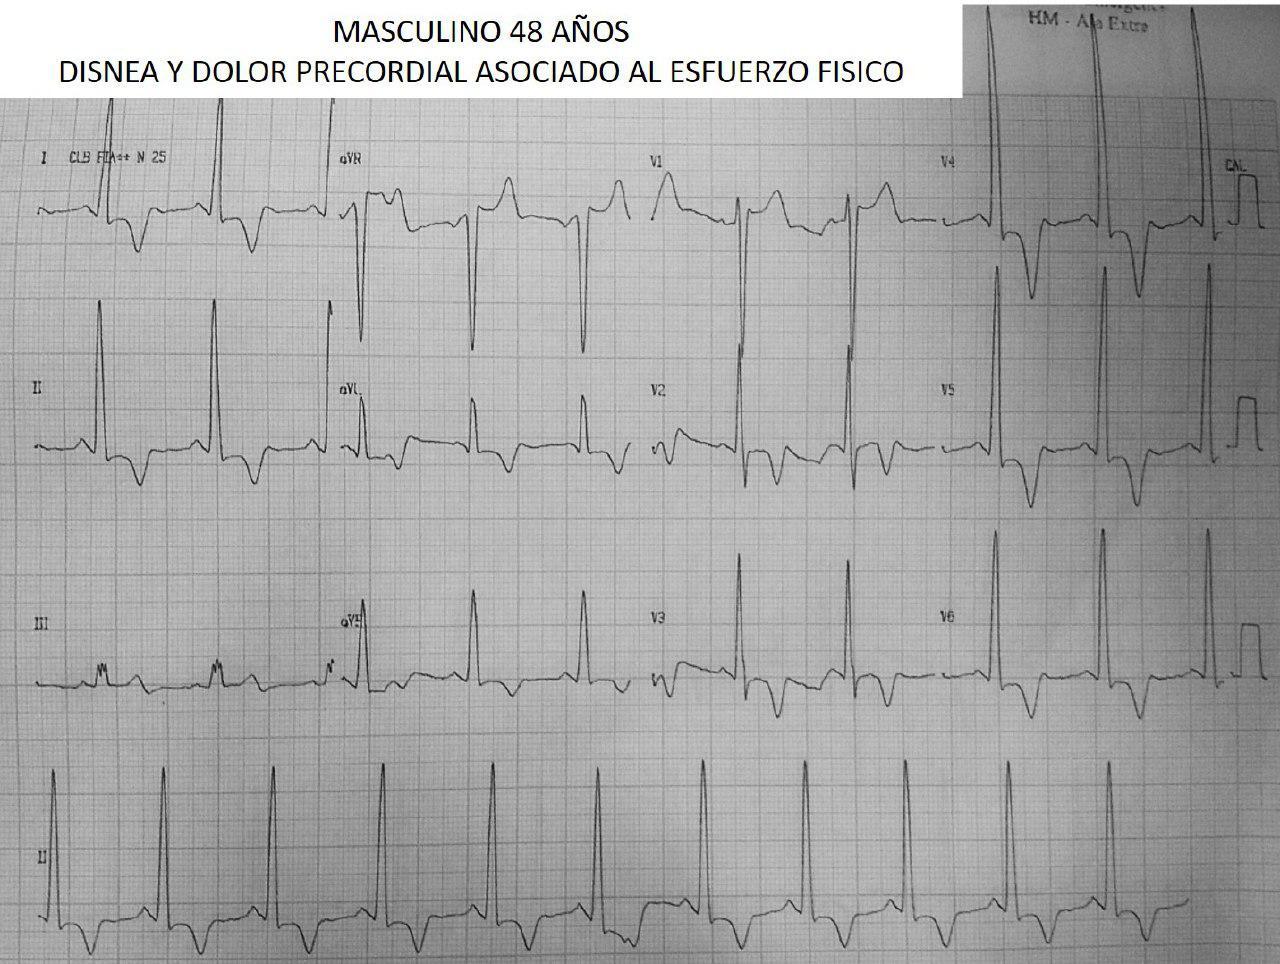 Paciente de 48 años portador de miocardiopatía hipertrófica apical con angor y disnea de esfuerzo